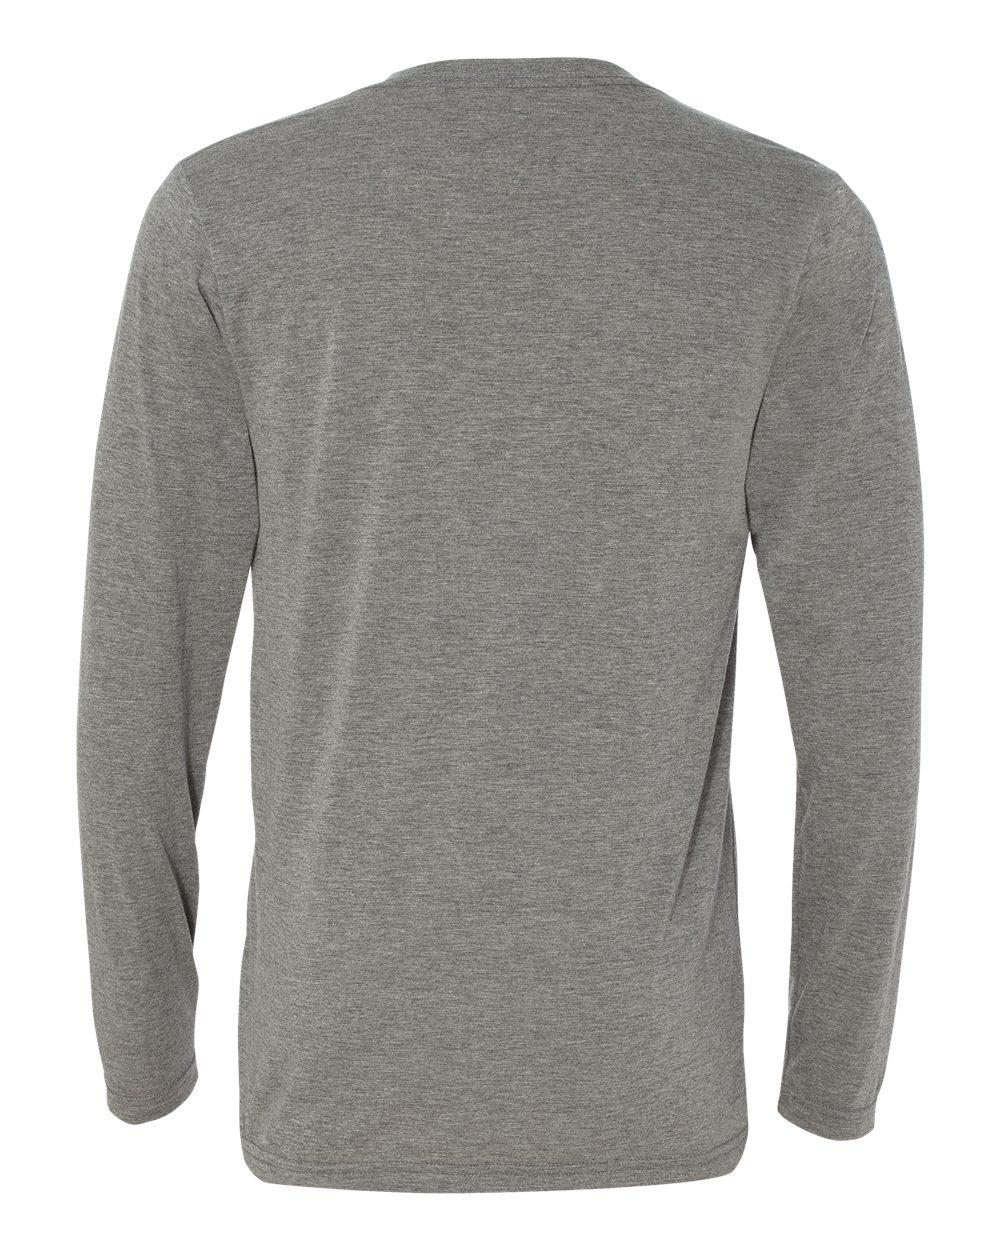 Bella-Canvas-Unisex-Jersey-Long-Sleeve-V-Neck-T-Shirt-3425-XS-2XL thumbnail 7